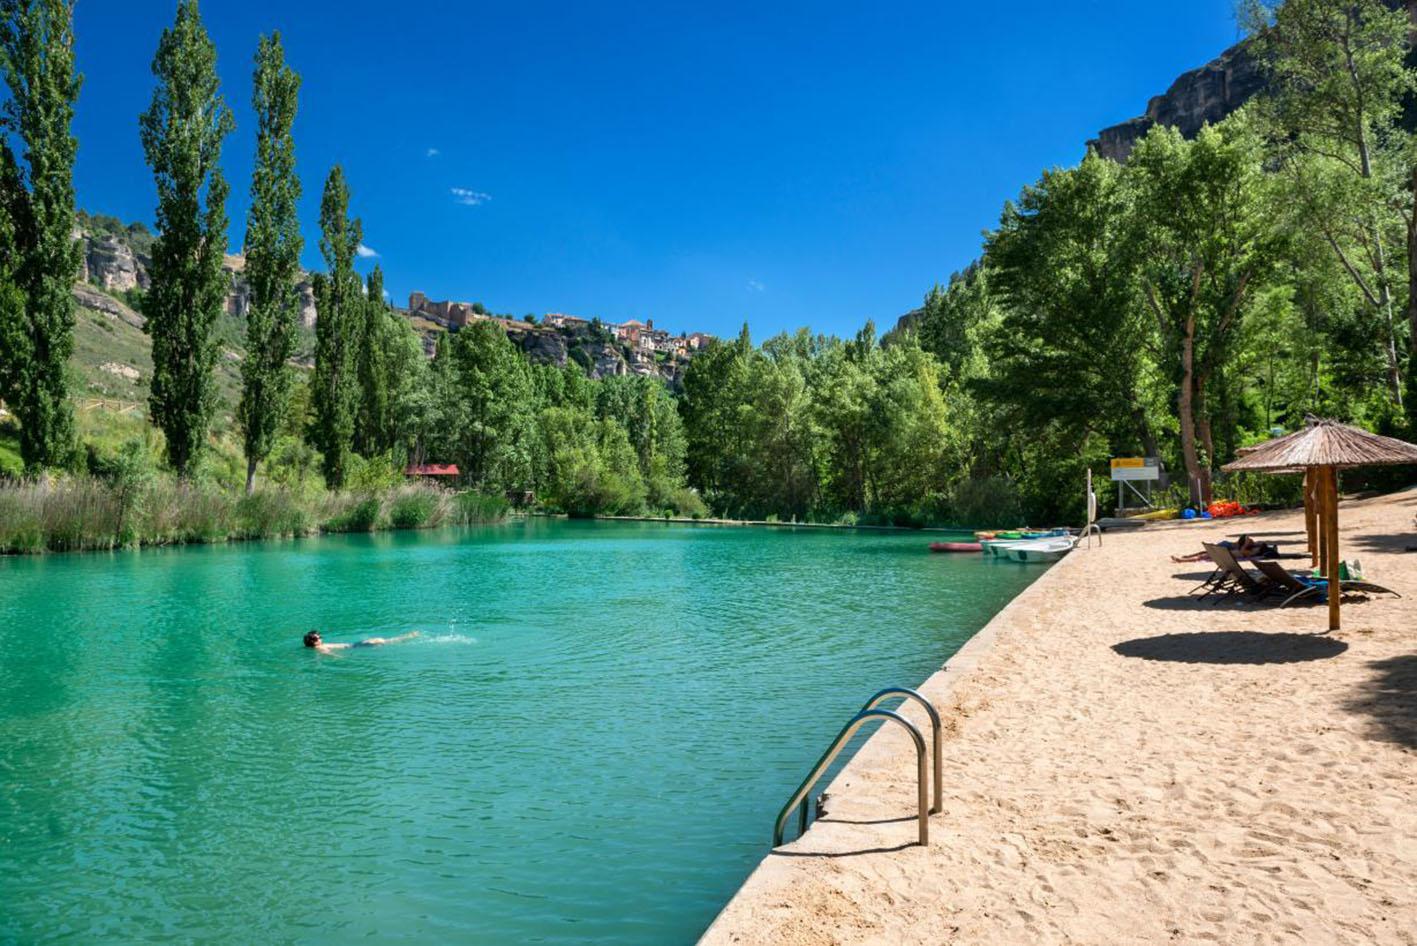 Disfrutar de un baño en un paraje natural de Castilla-La Mancha, todo un placer.